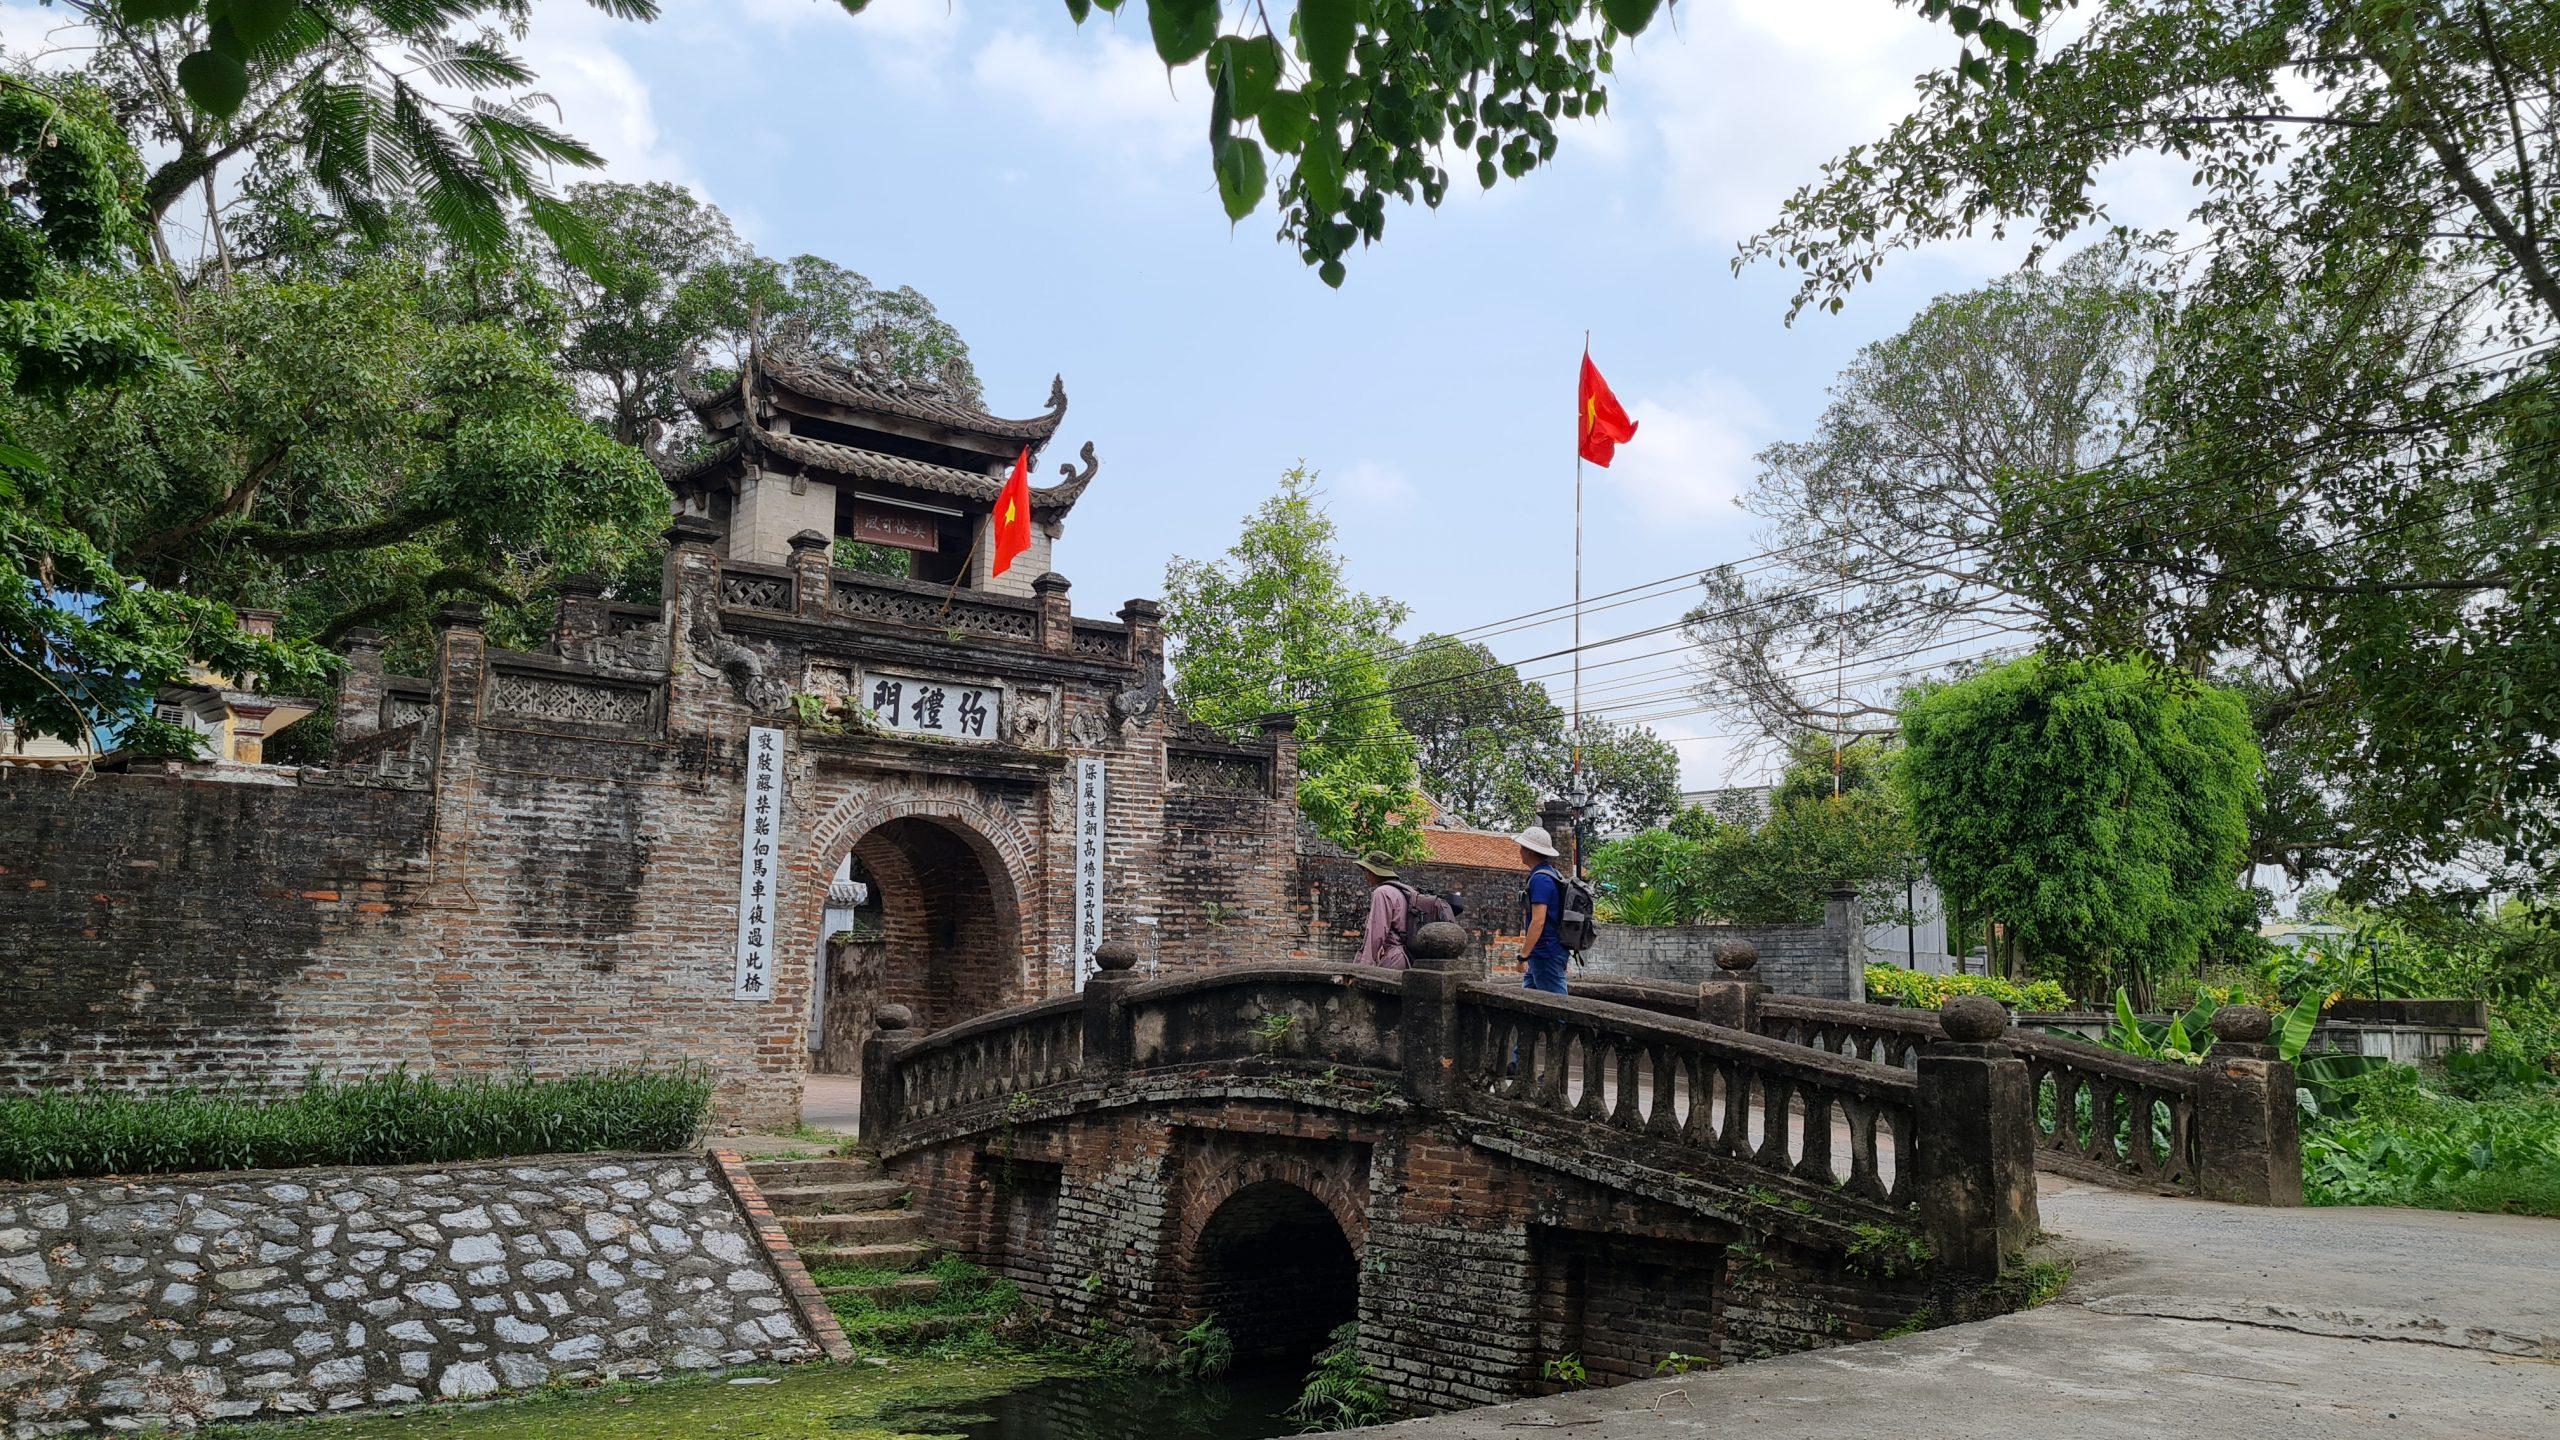 Cổng làng – Đình làng Ước Lễ (Thanh Oai, Hà Nội)